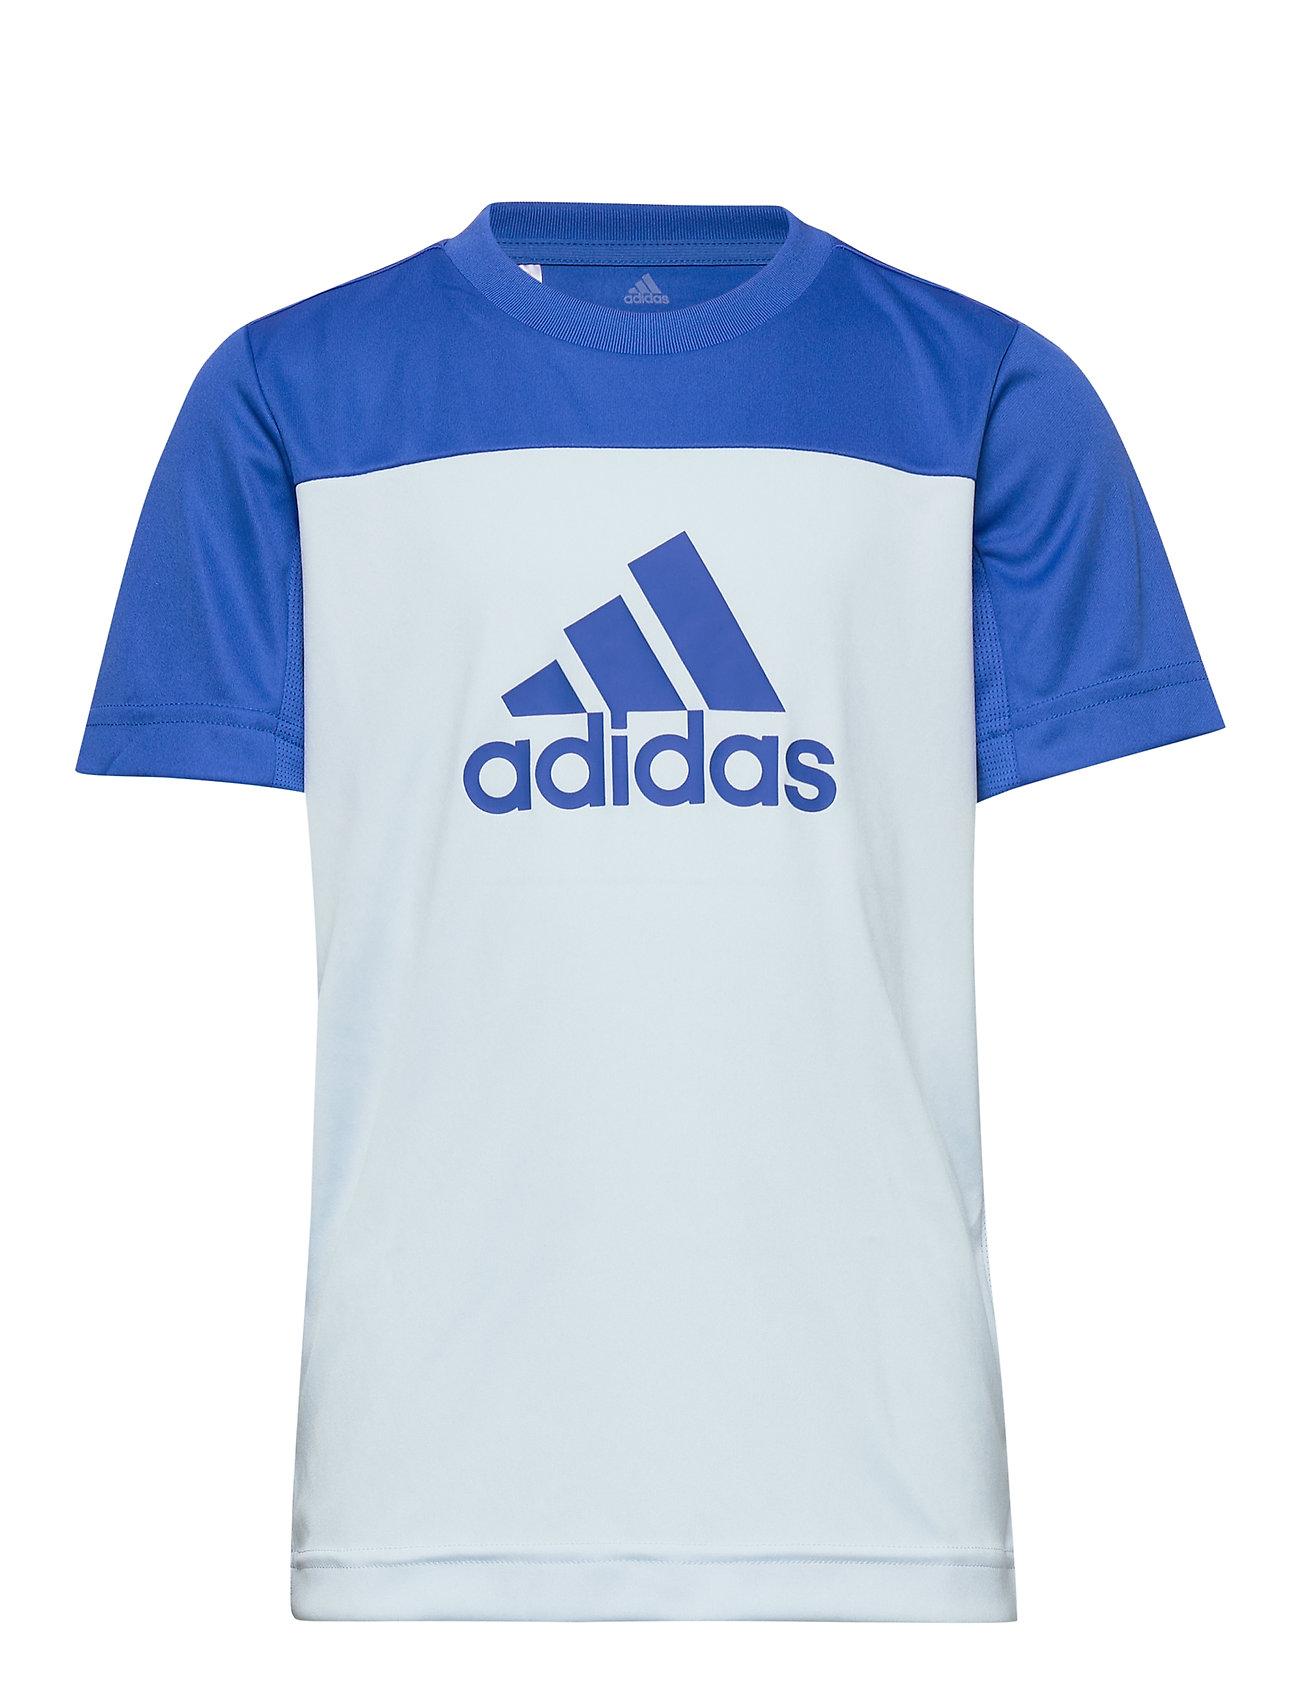 Image of Yb Tr Eq Tee T-shirt Blå Adidas Performance (3421206627)